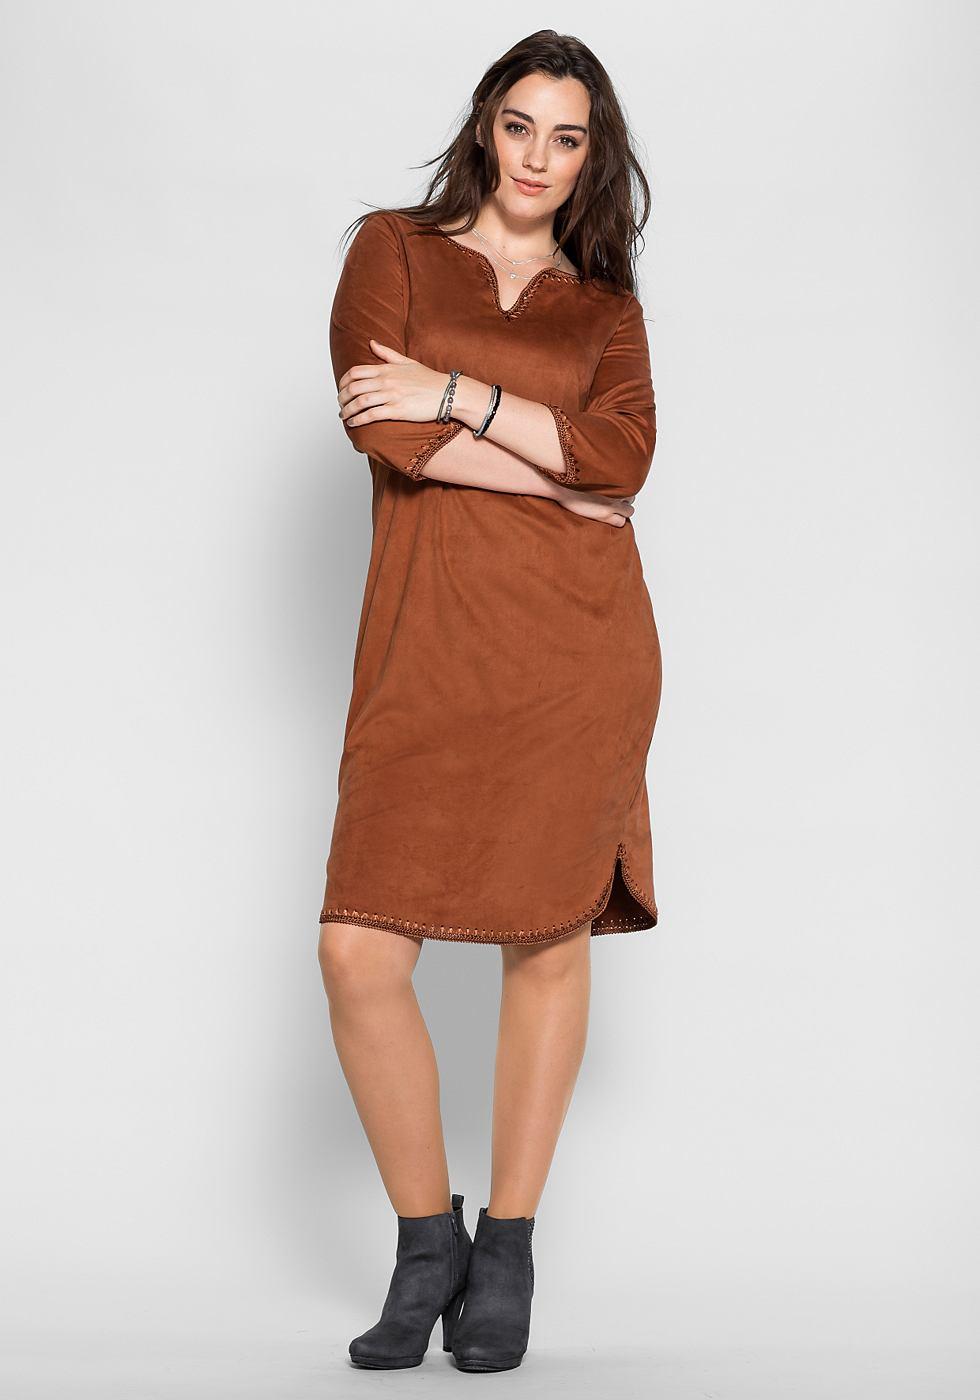 Sheego Style jerseyjurk met gehaakte randen bruin